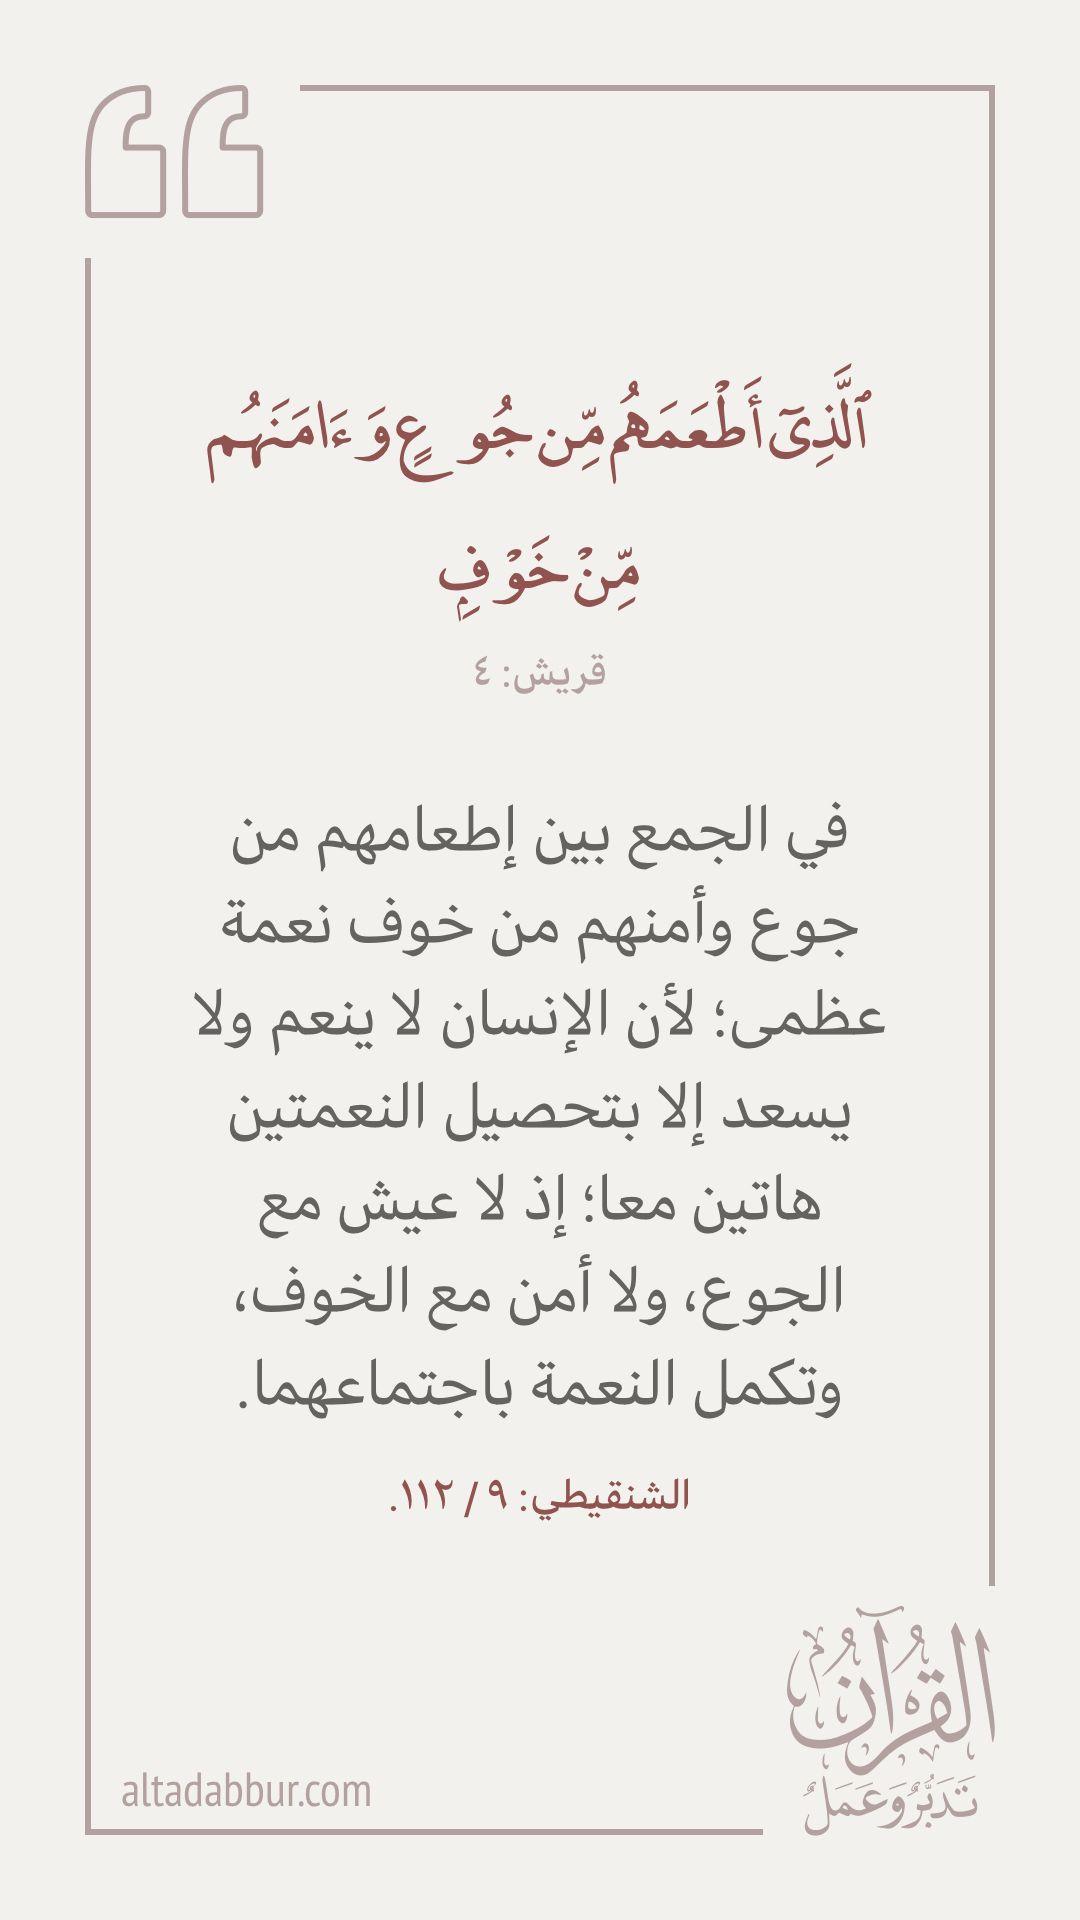 لقد مللت الكلام و المتكلمين لقد تعبت روحي من الكلام و المتكلمين جبران خليل جبران نسمة قراءة Quotes Arabic Quotes Eren And Mikasa